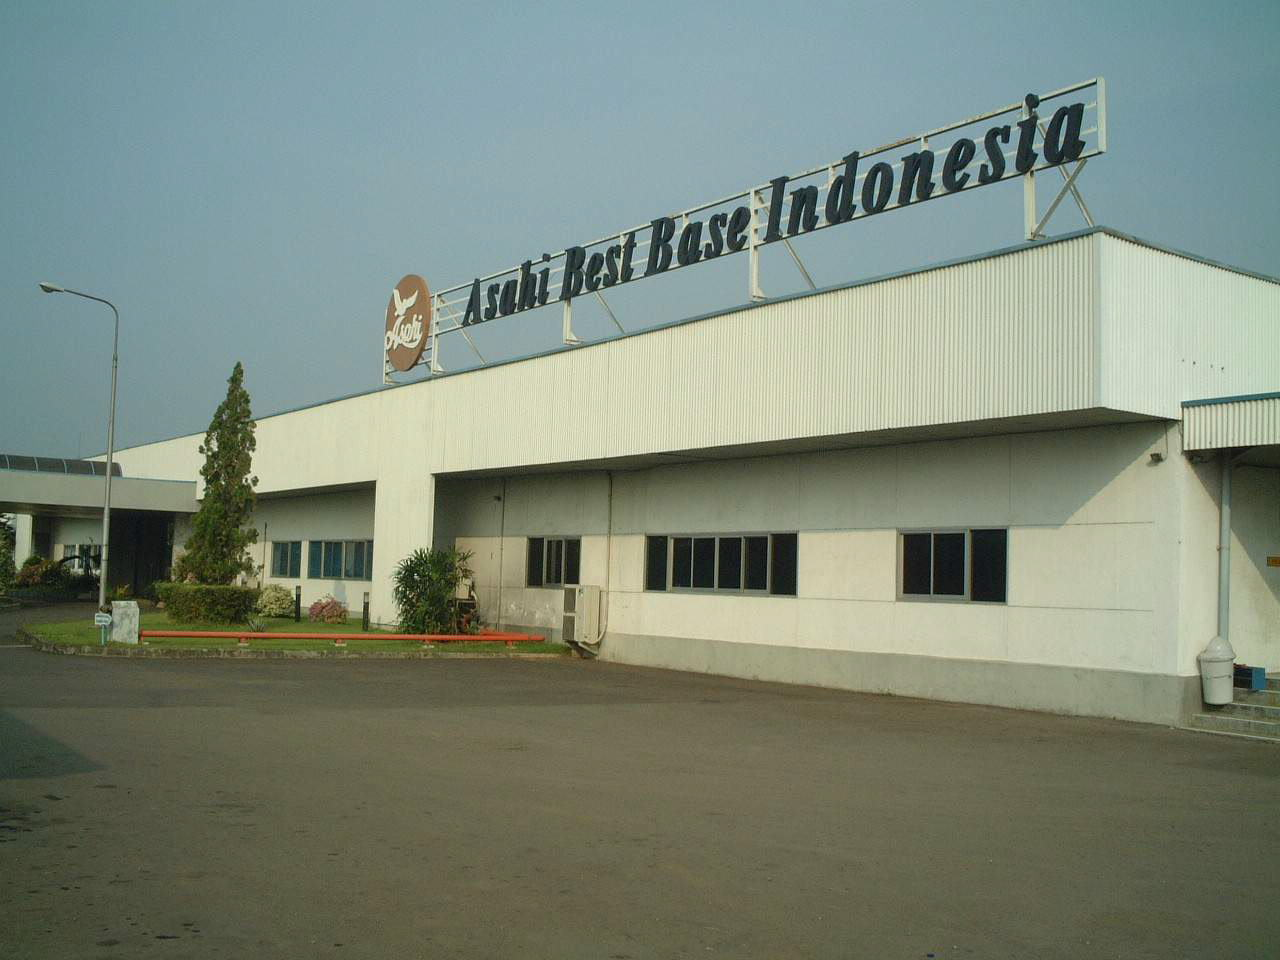 Lowongan Pt Asahi Lowongan Kerja Pt Lowongan Kerja Pt Asahi Best Indonesia Operator Produksi 2016 Info